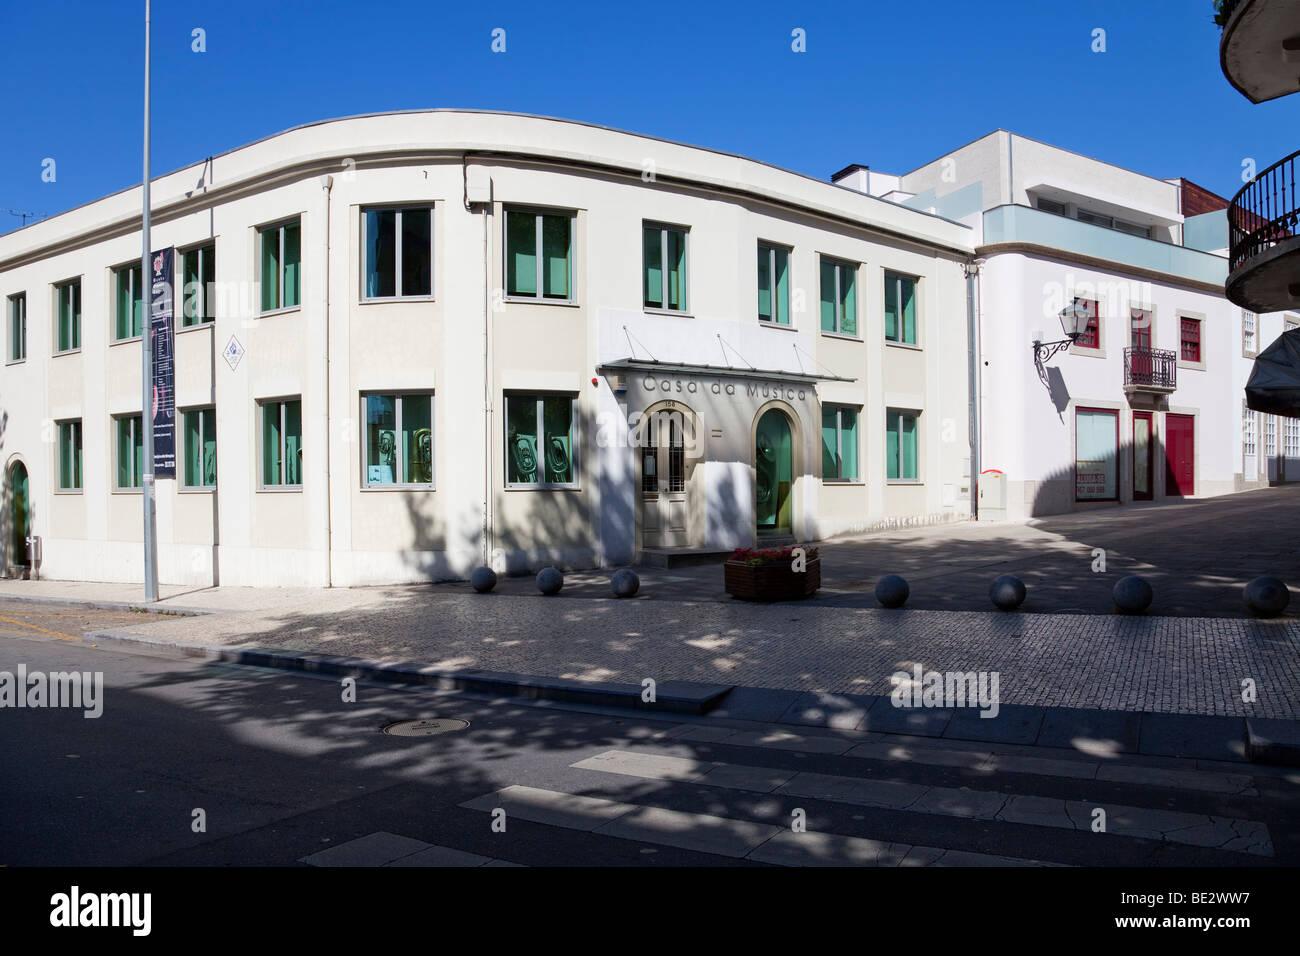 La Casa da Musica (música house) de Vila Nova de Famalicão. Distrito de Braga, Portugal. Imagen De Stock